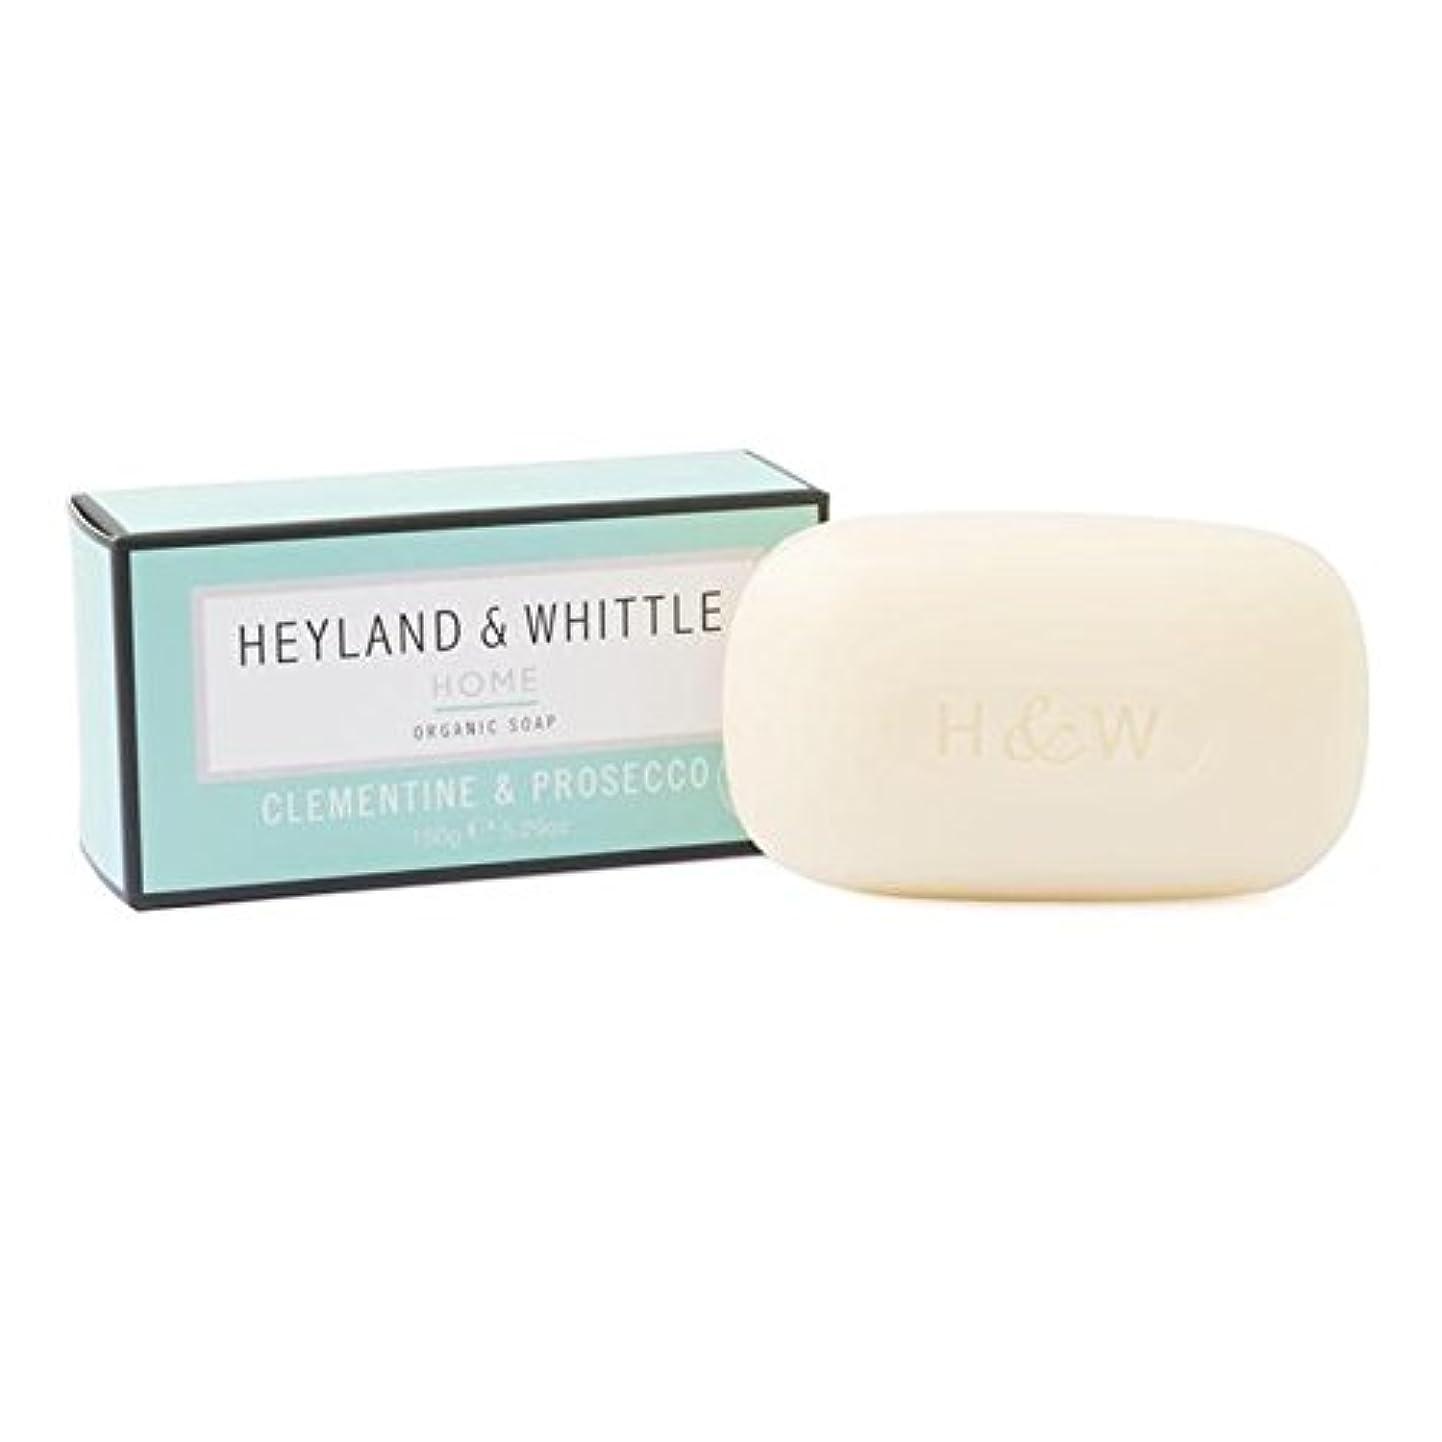 助言盟主半島&削るホームクレメンタイン&プロセッコ有機石鹸150グラム x4 - Heyland & Whittle Home Clementine & Prosecco Organic Soap 150g (Pack of 4)...